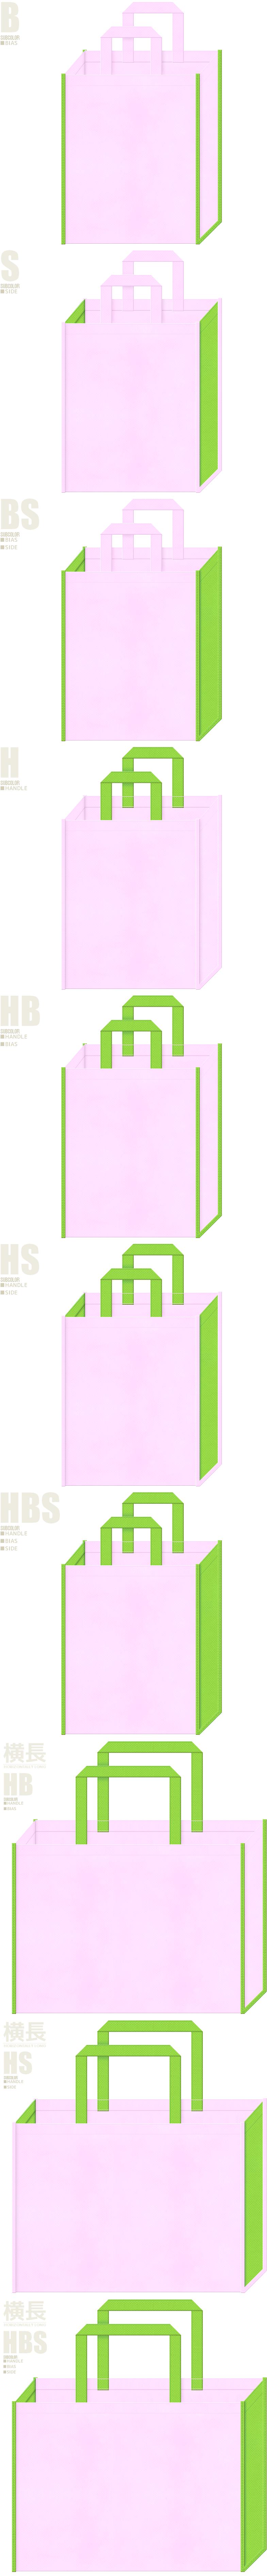 絵本・インコ・お花見・葉桜・アサガオ・あじさい・医療施設・介護施設・春のイベント・フラワーショップにお奨めの不織布バッグデザイン:パステルピンク色と黄緑色の配色7パターン。